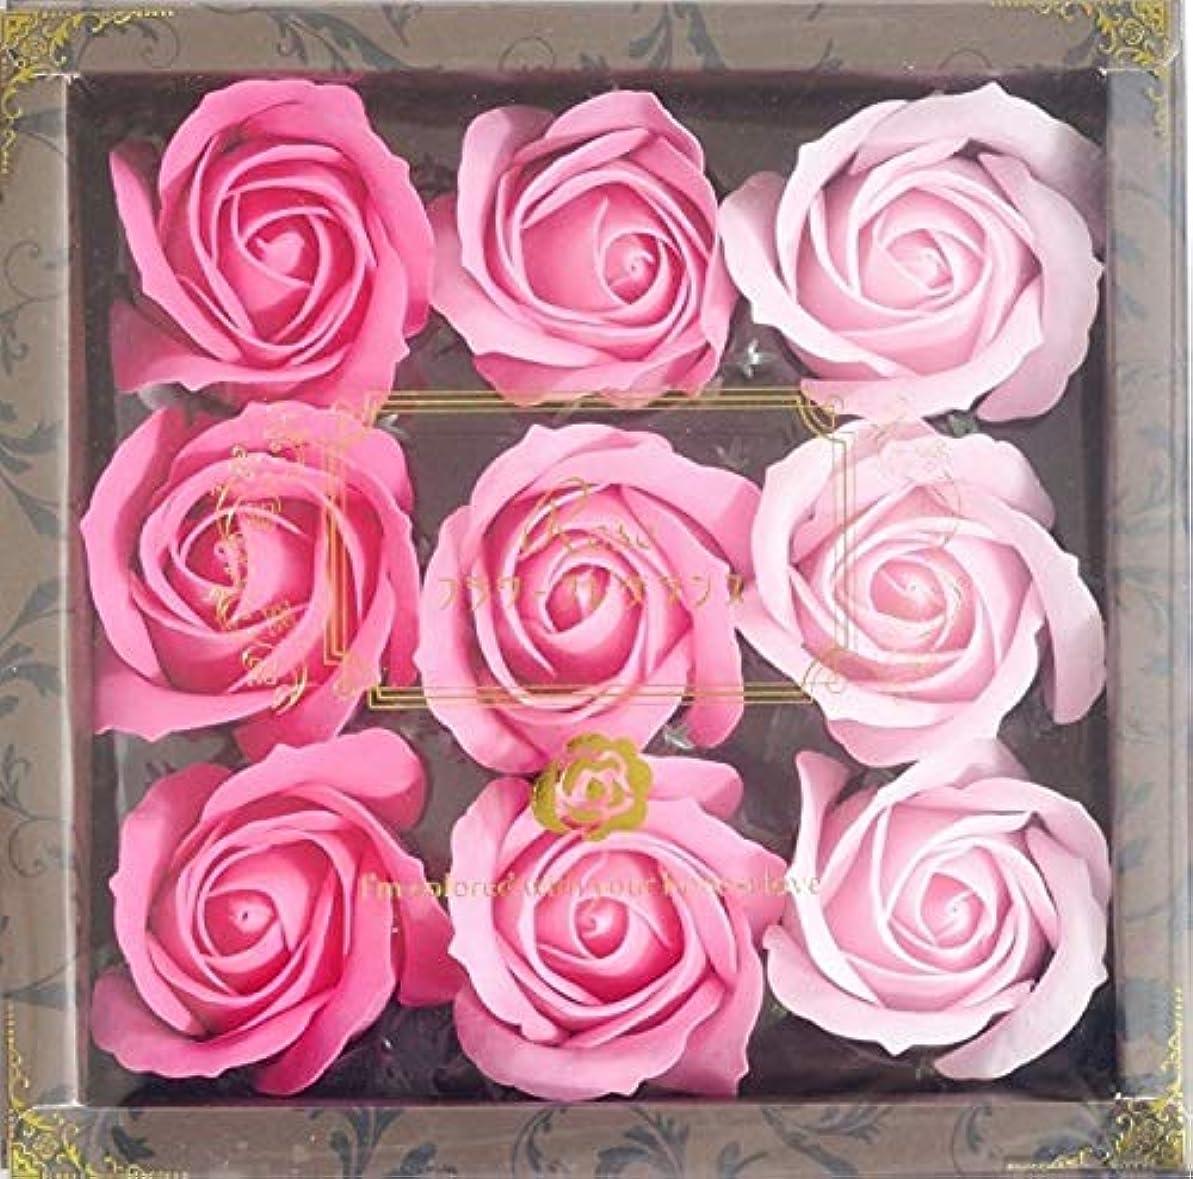 失態結晶突撃バスフレグランス バスフラワー ローズフレグランス ピンクカラー お花の形の入浴剤 プレゼント ばら ギフト